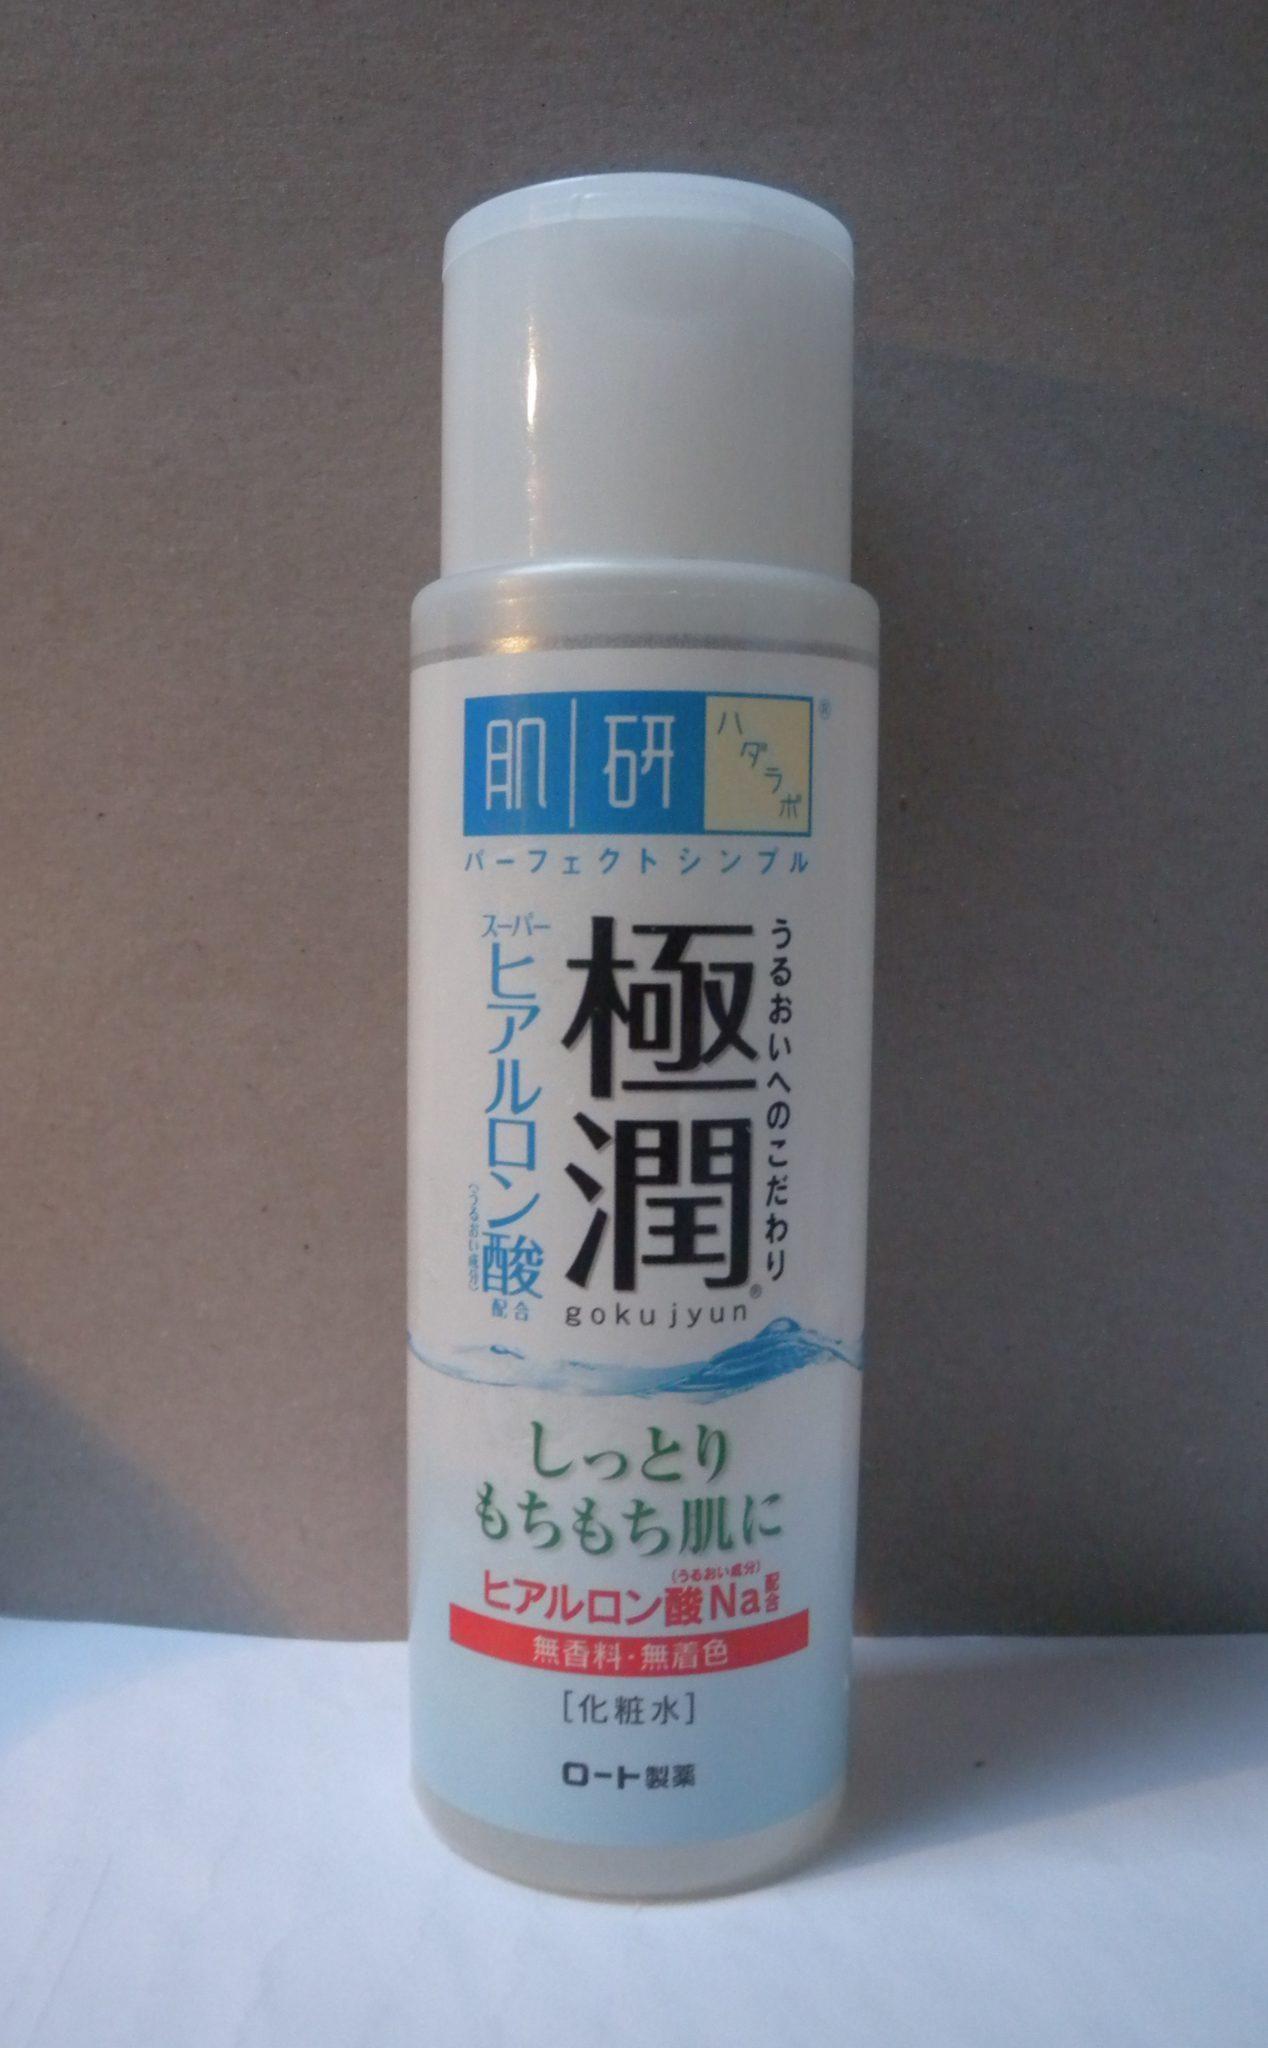 Hada Labo Hyaluronic Acid Toner là loại toner HA cơ bản nhưng rất tốt khi chứa 3 loại acid hyaluronic khác nhau